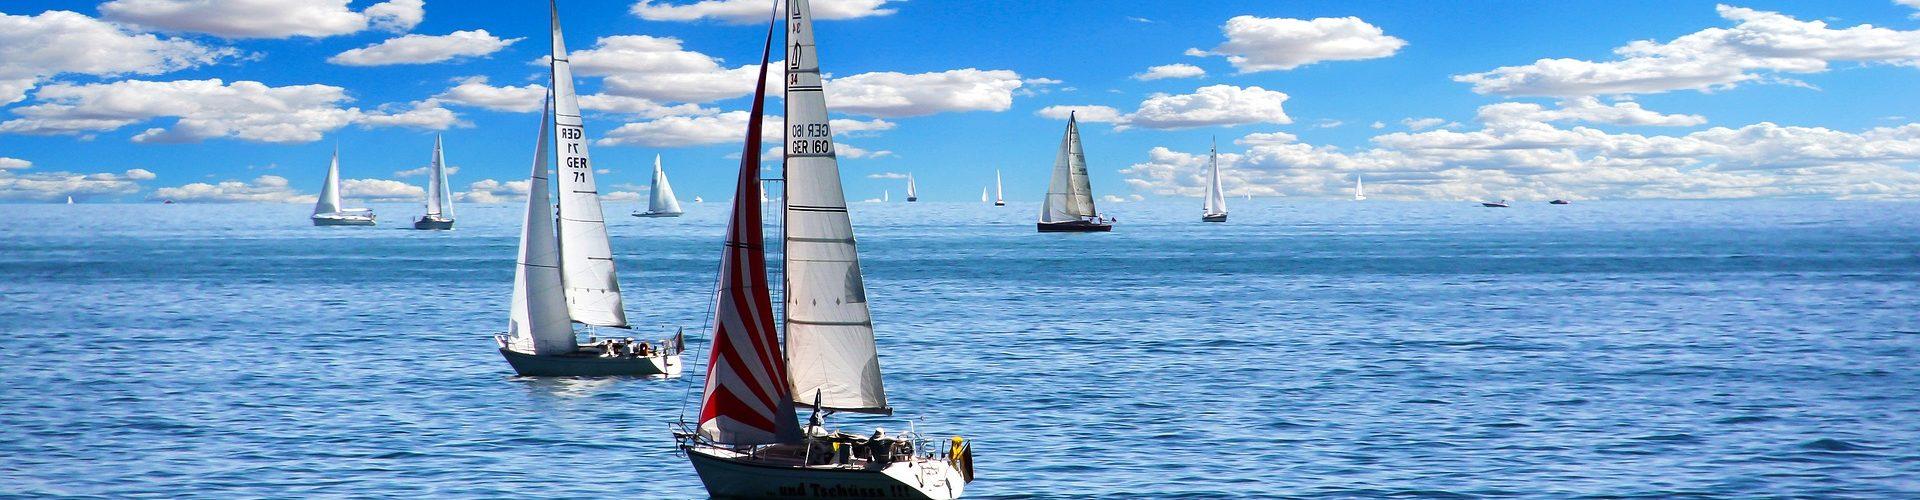 segeln lernen in Bad Zwischenahn segelschein machen in Bad Zwischenahn 1920x500 - Segeln lernen in Bad Zwischenahn